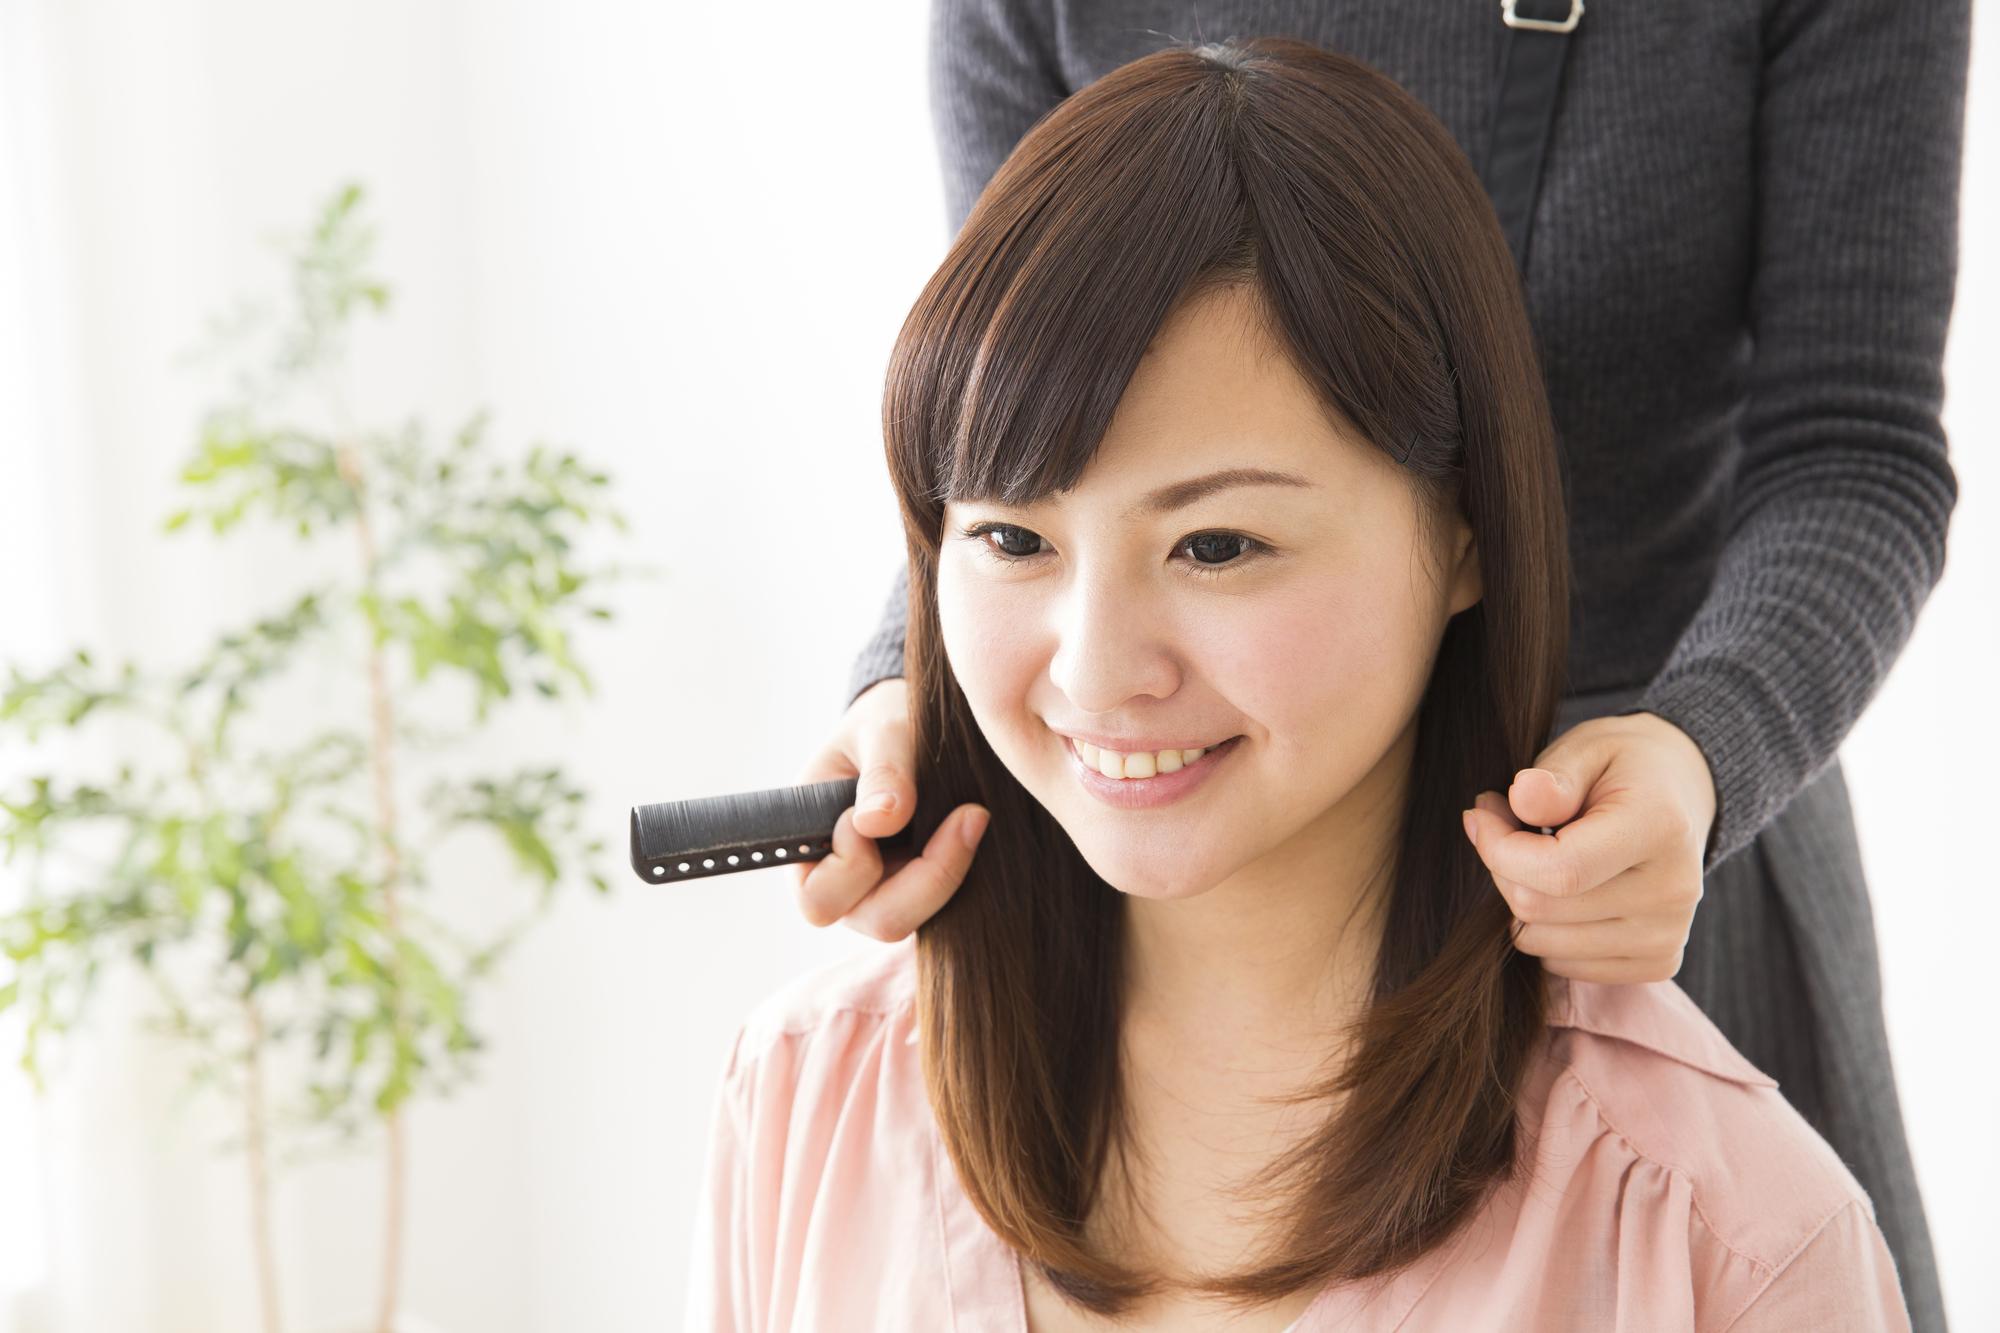 前頭部が薄い女性におすすめの髪型一覧!前髪の薄毛をカバーしよう